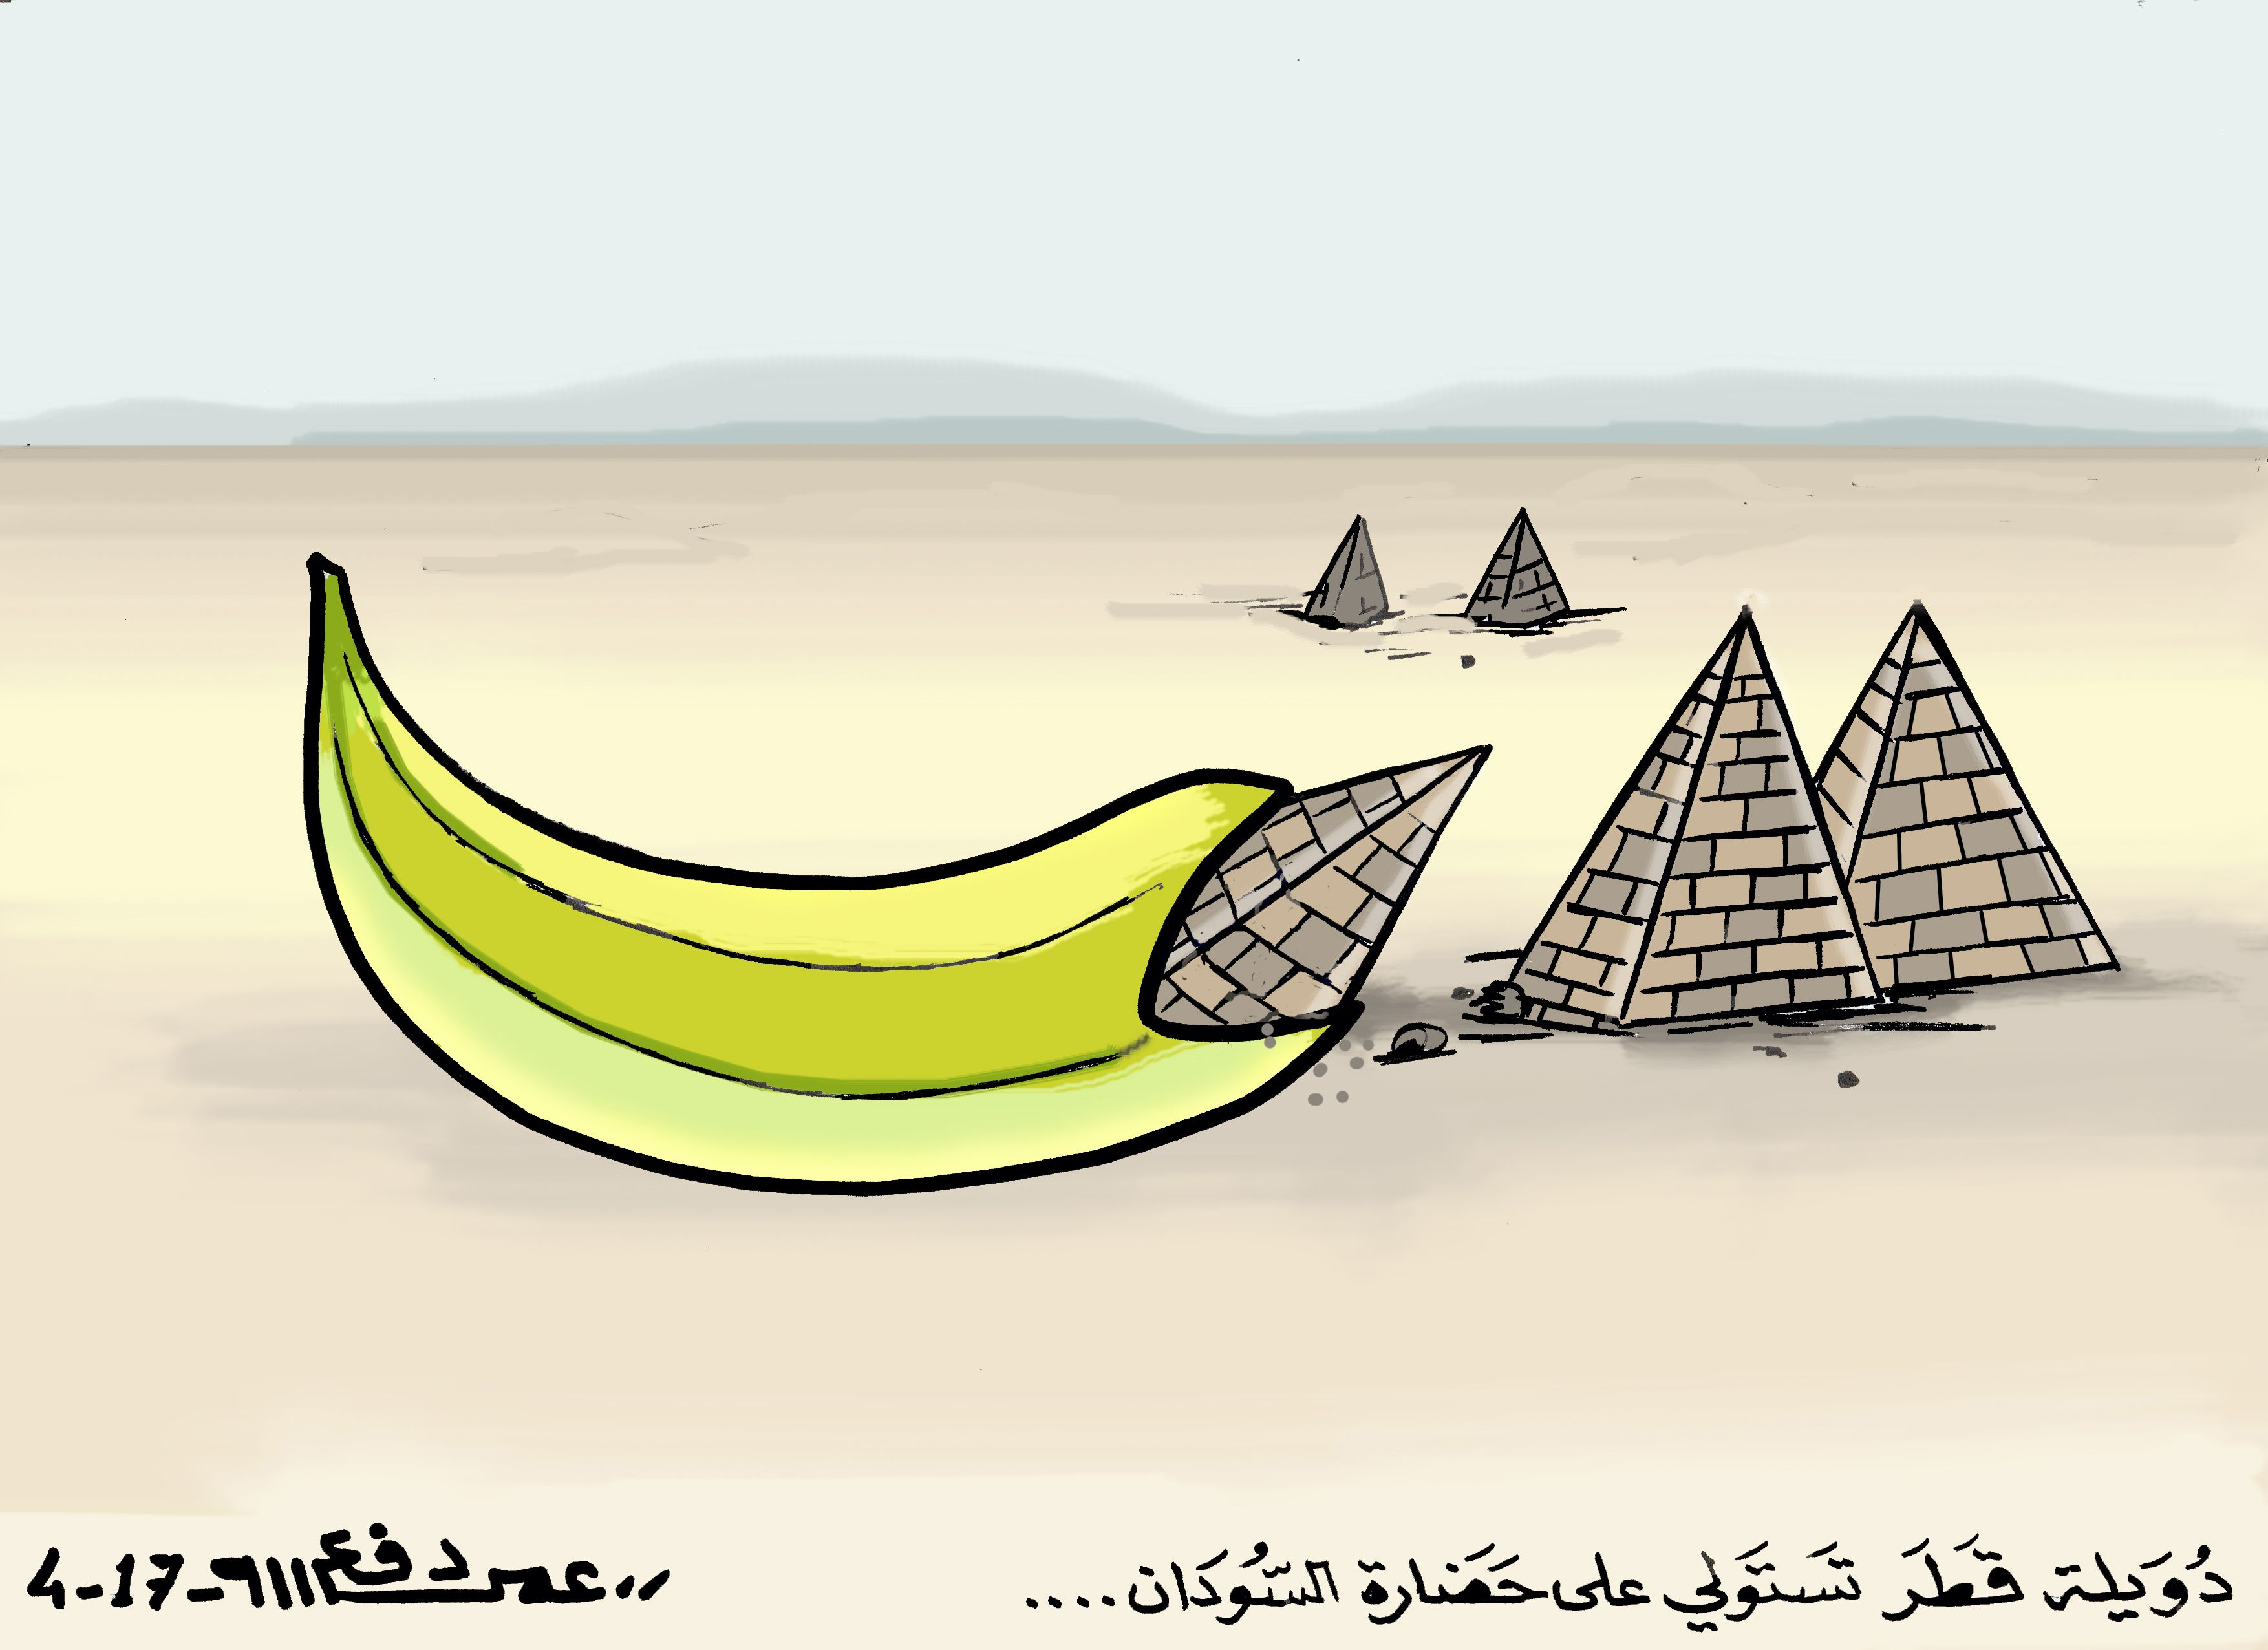 كاركاتير اليوم الموافق 20 ابريل 2017 للفنان عمر دفع الله عن اهرامات السودان